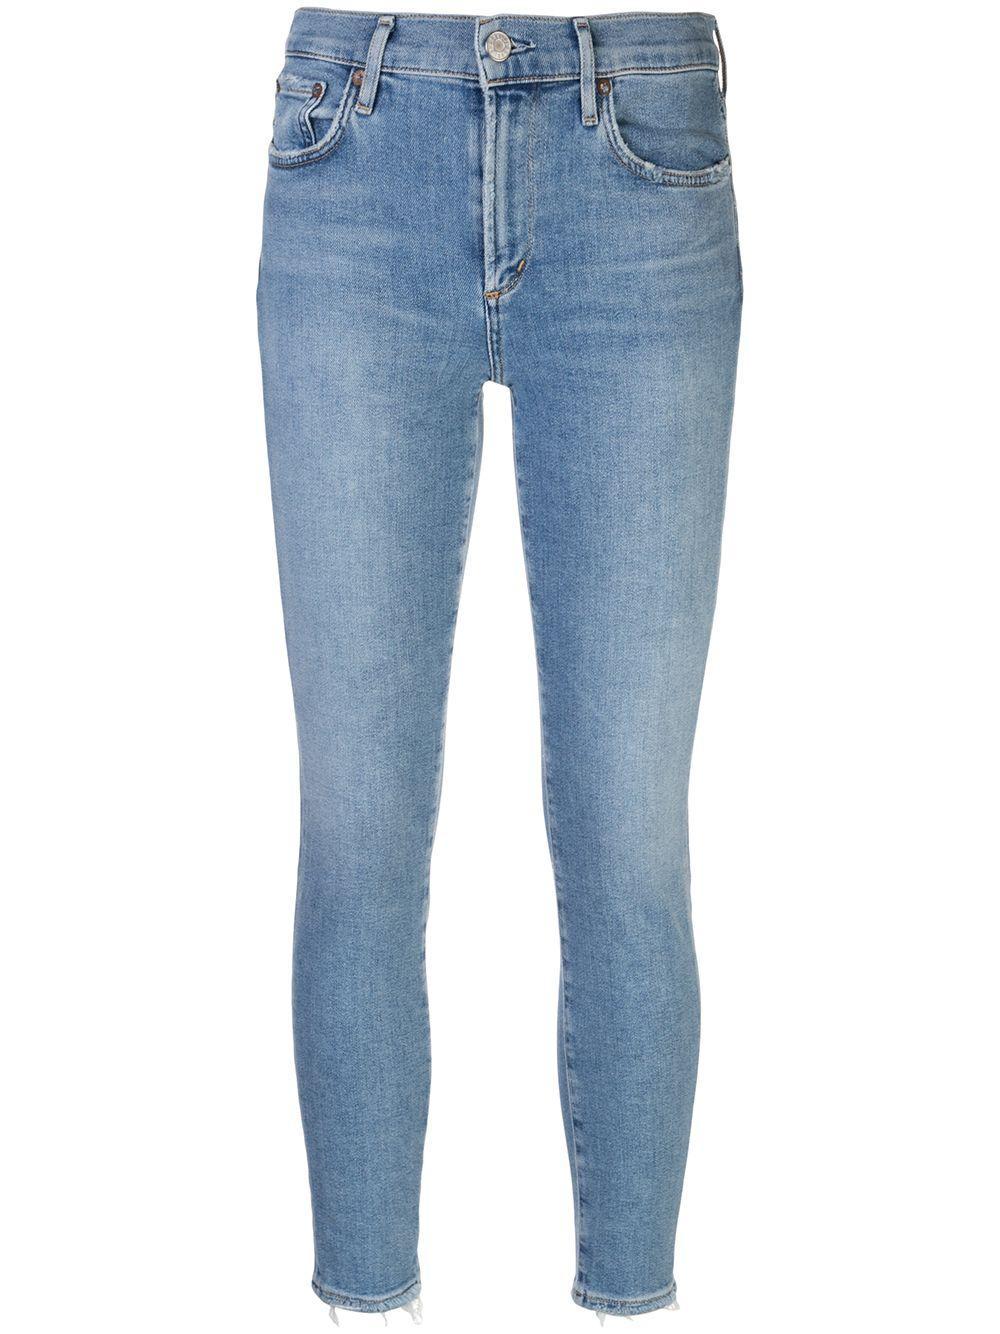 Sophie Mid Rise Skinny Jean